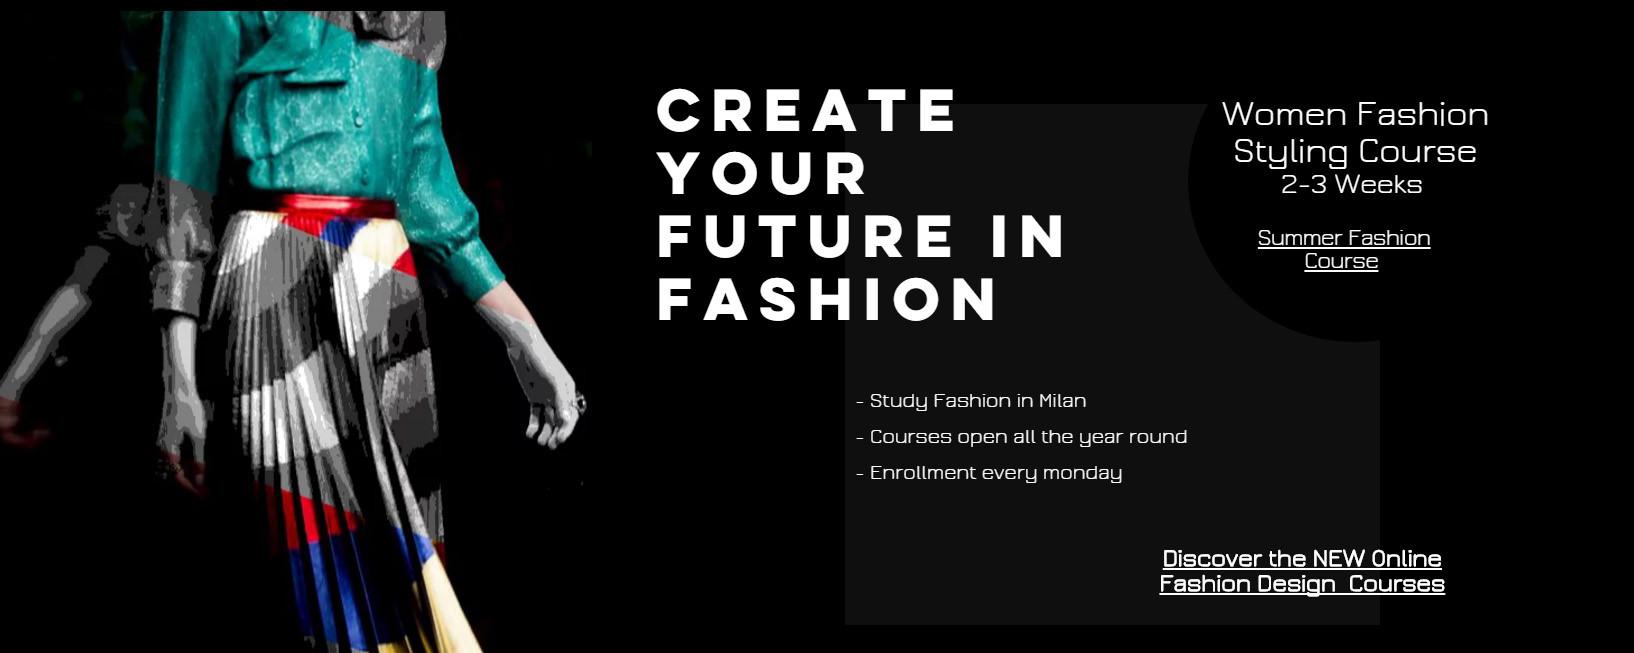 7bafd704d3 Study Fashion in Italy- Milan Fashion School Italian Fashion School